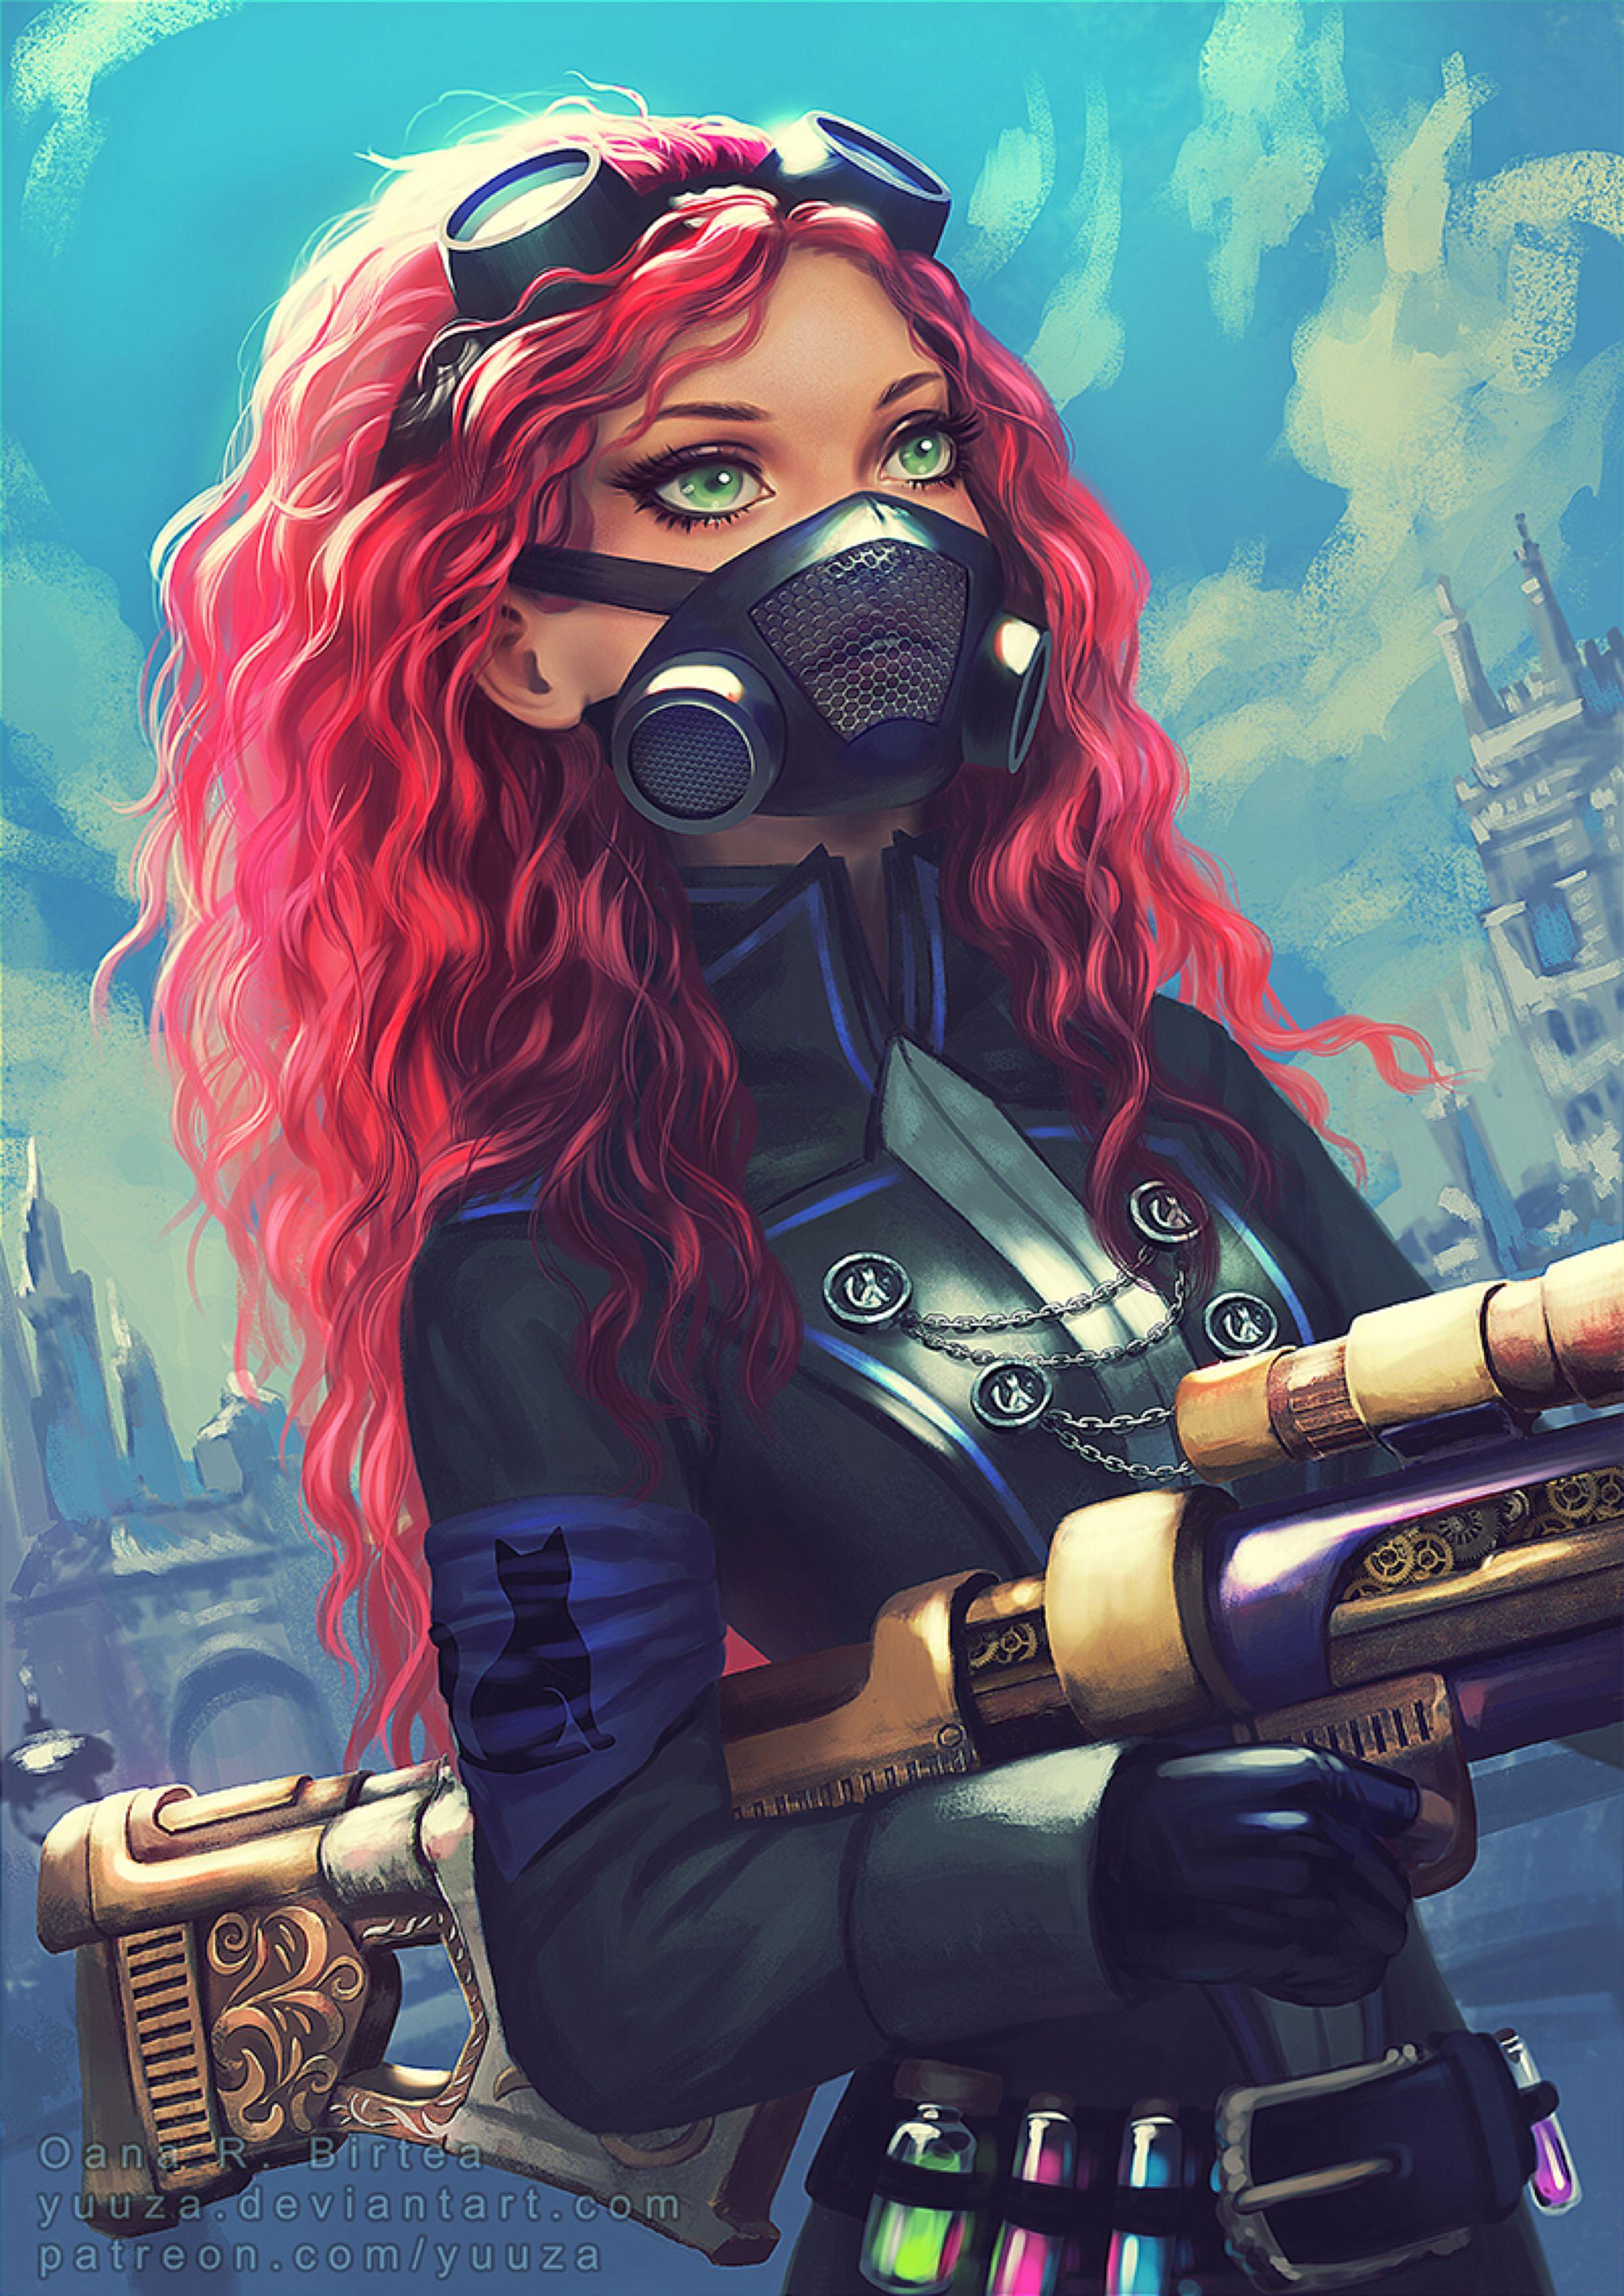 Steampunk Redhead Girl By Yuuza On Deviantart Digital Art Girl